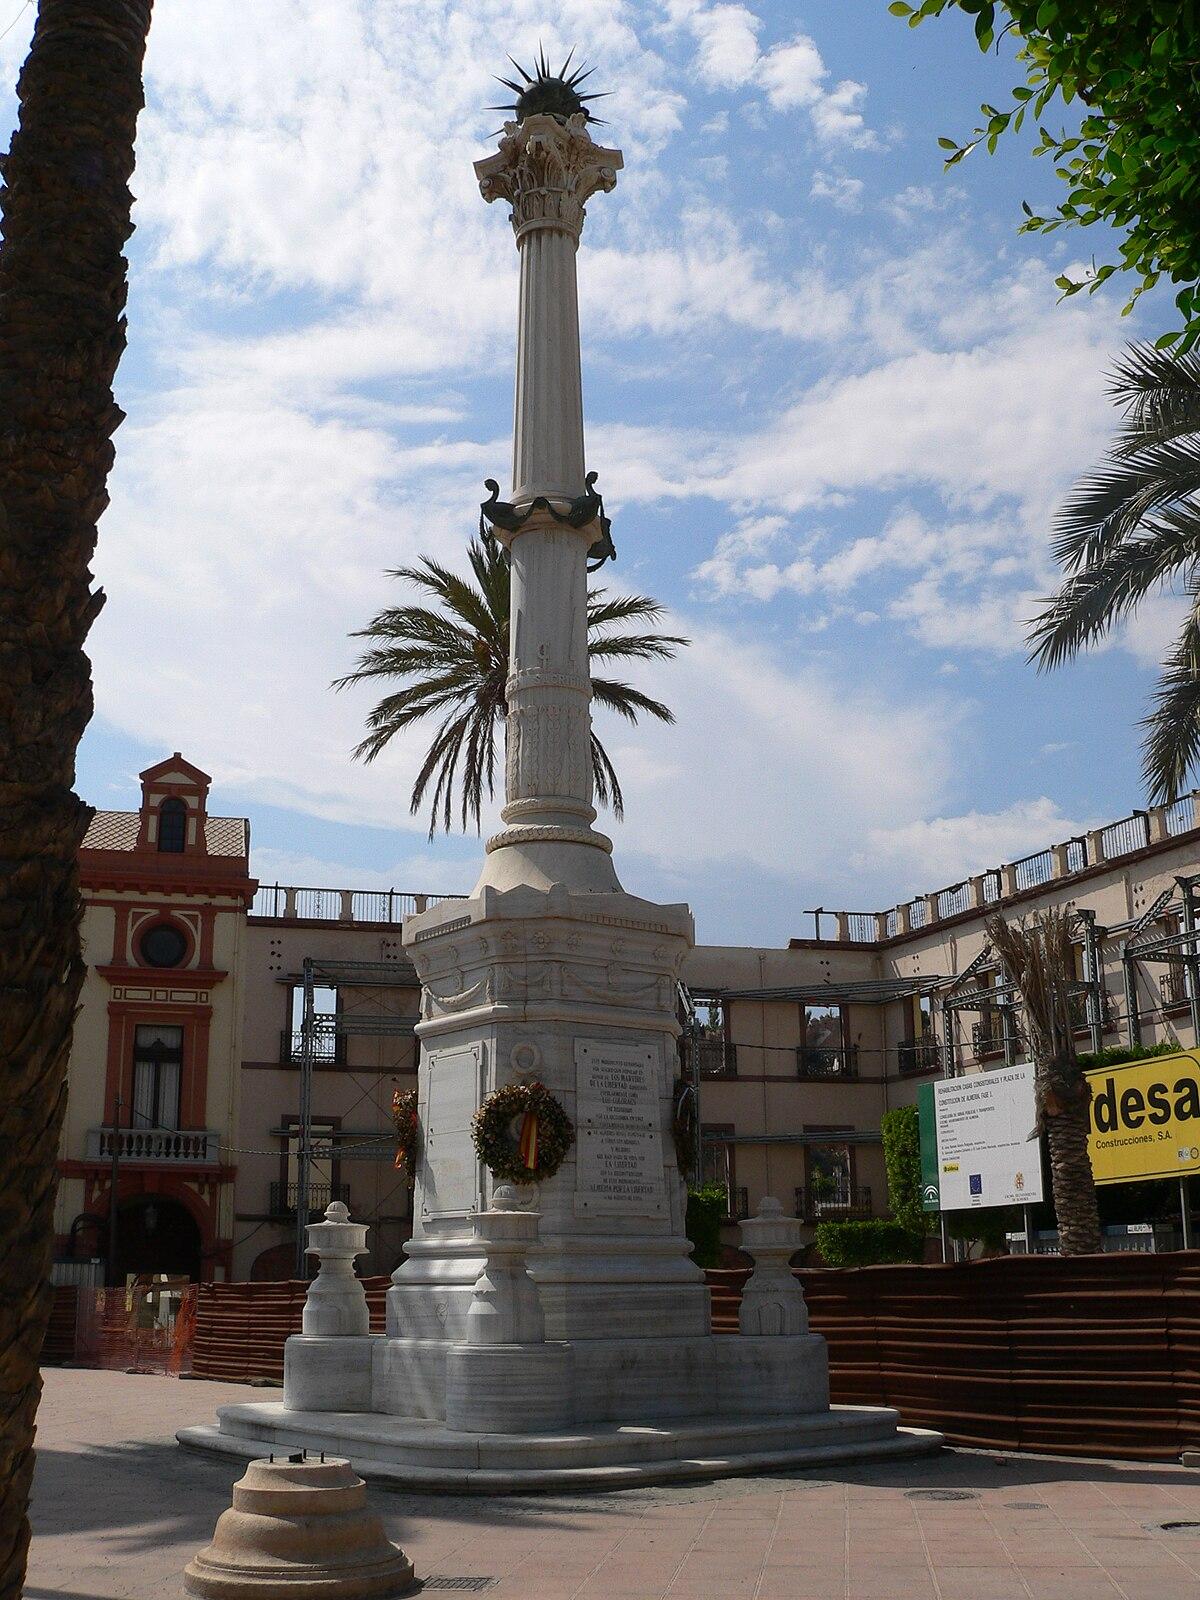 Monumento A Los Mártires De La Libertad Wikipedia La Enciclopedia Libre